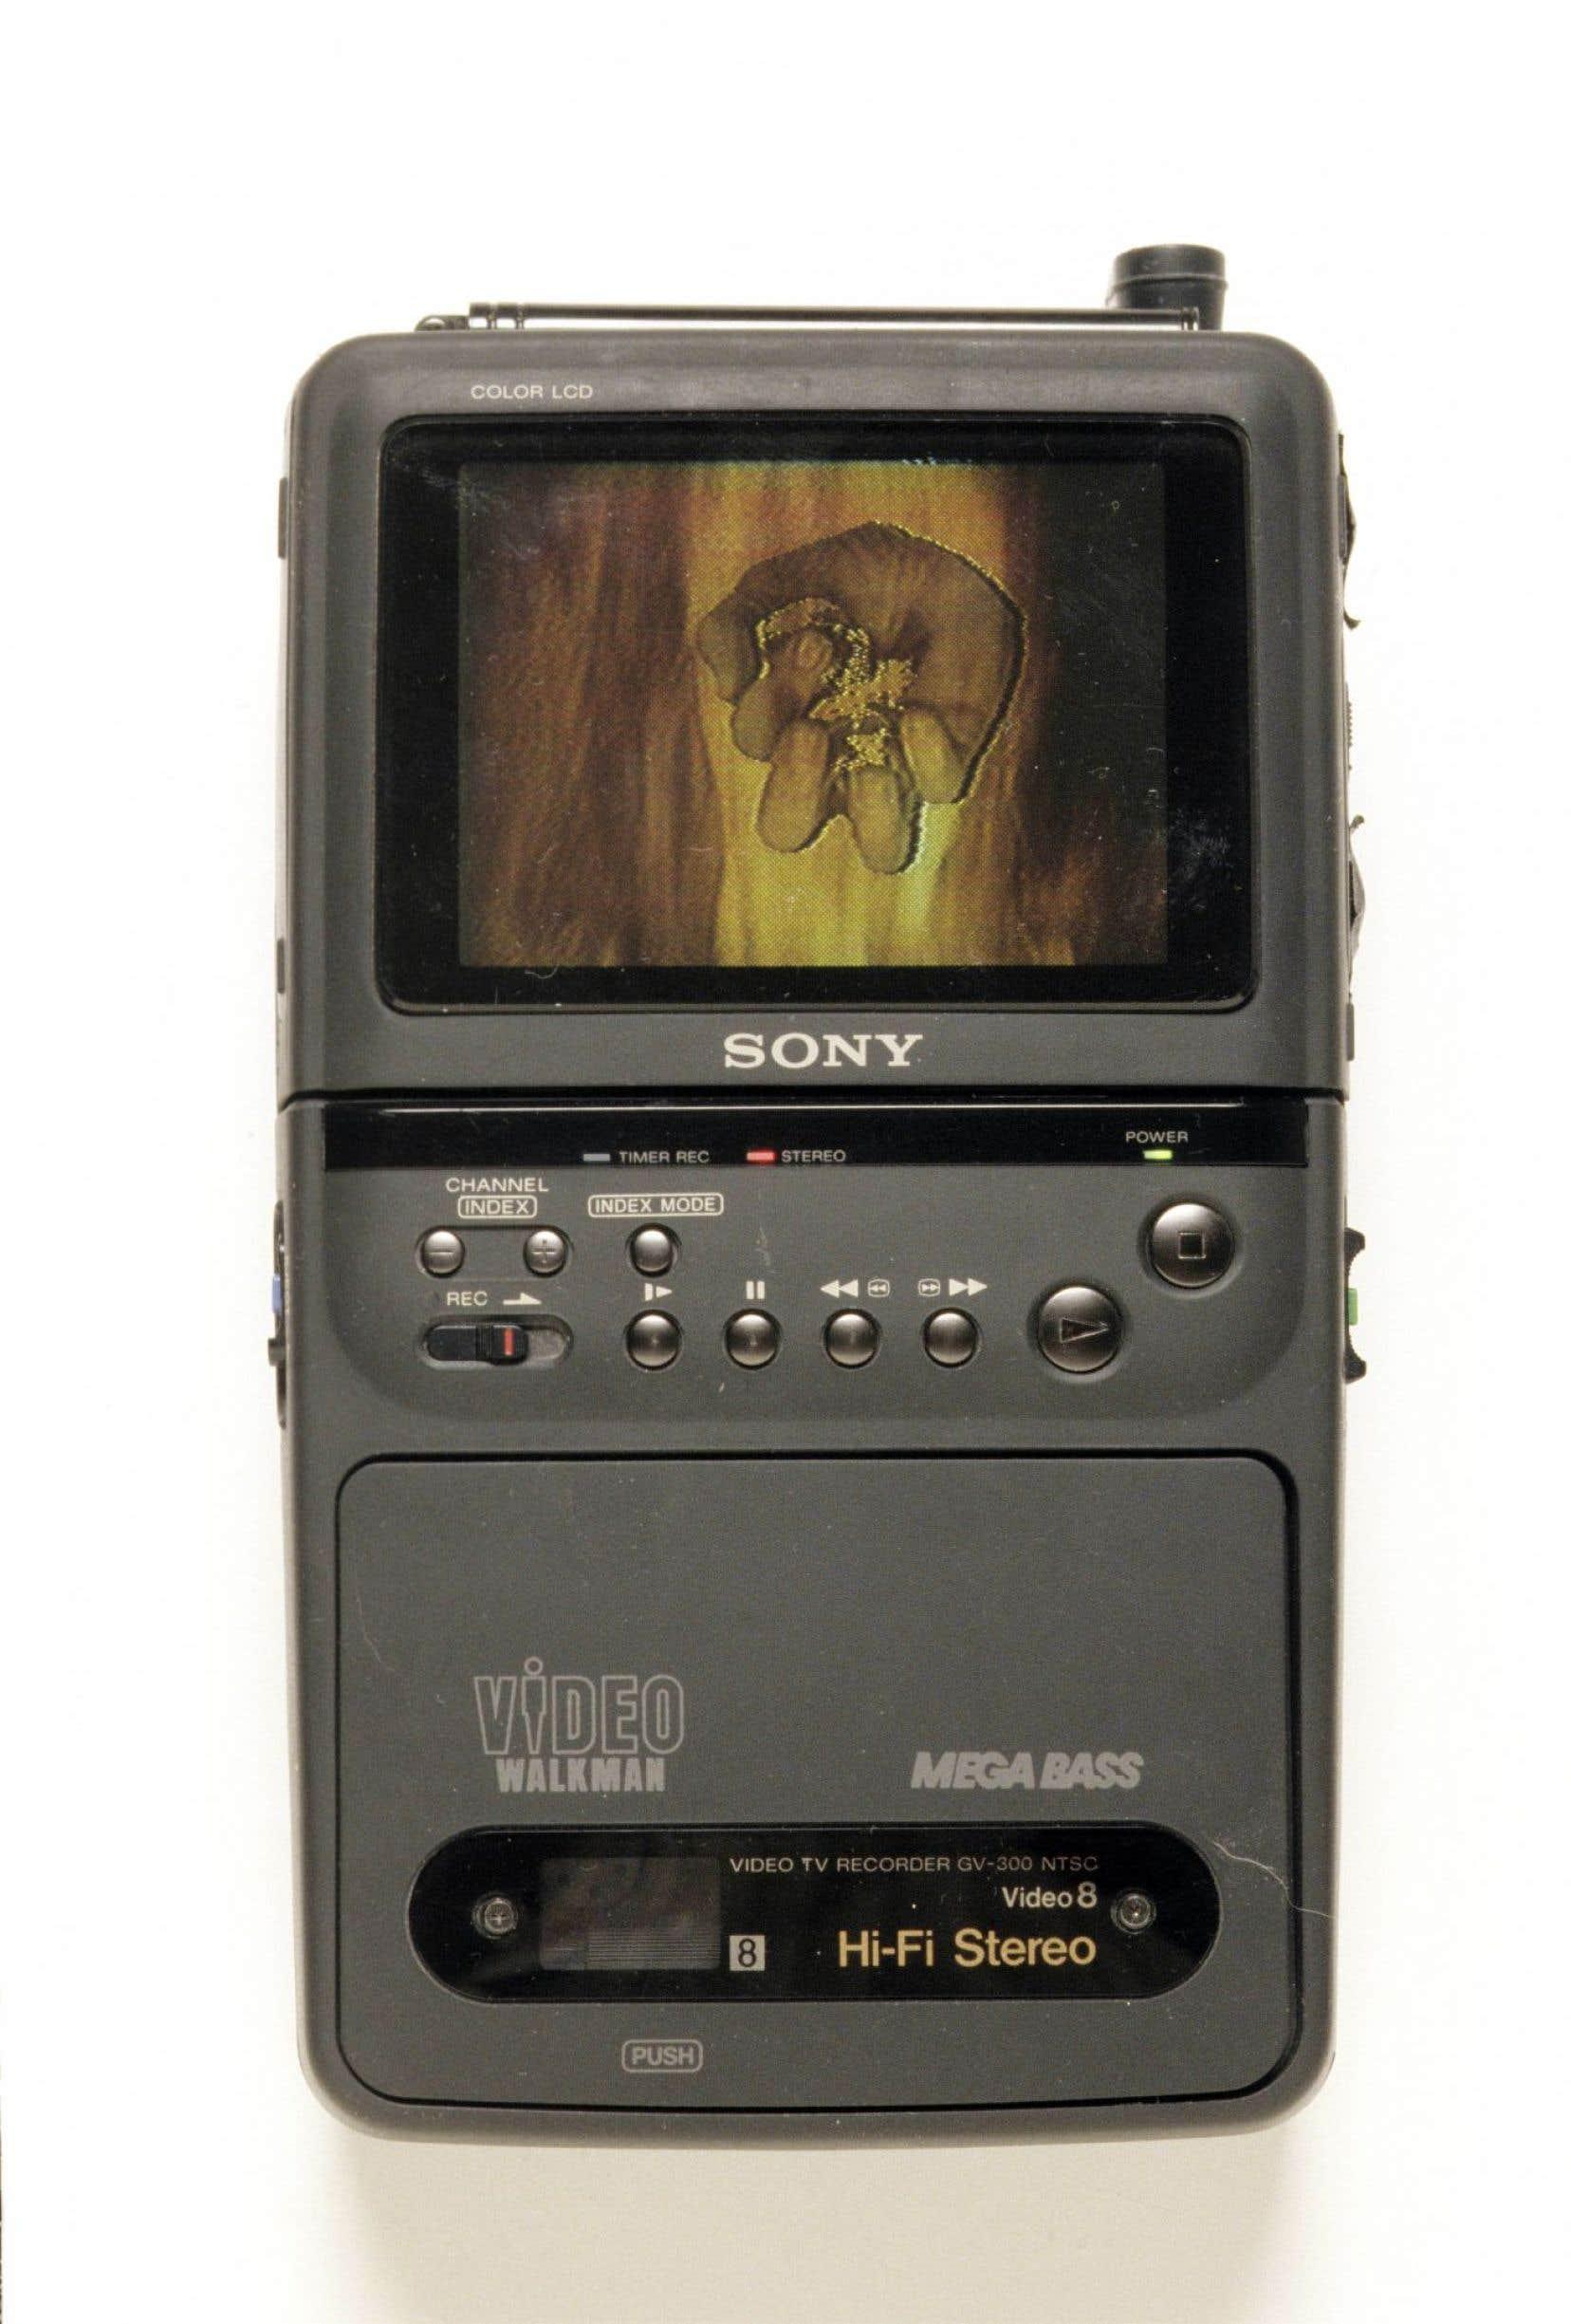 La minute de vérité (14février 1991), de Daniel Dion et Su Schnee (vidéo, lecteur vidéo portable fixé au mur)